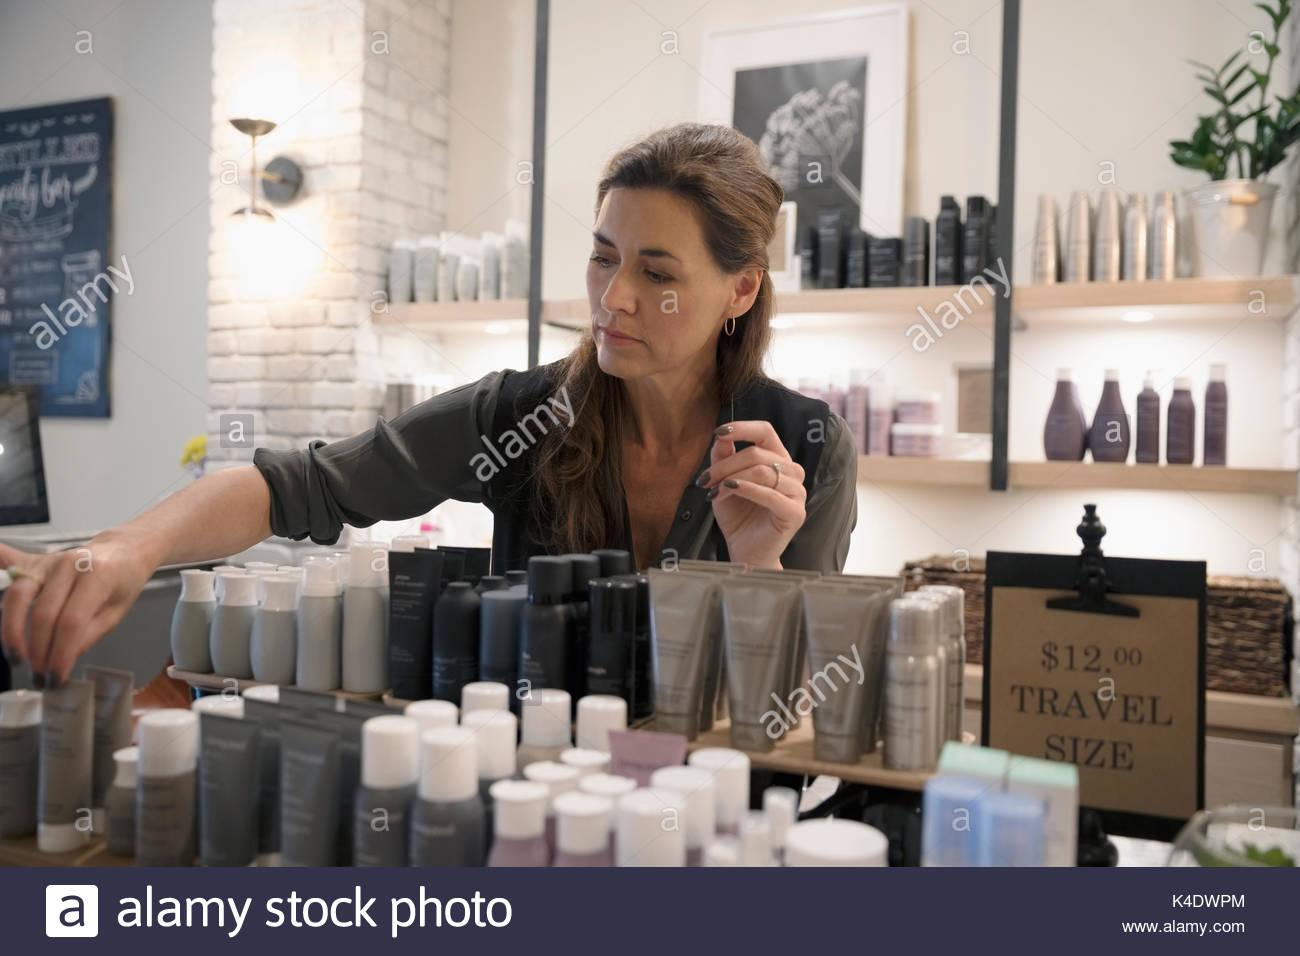 Salone femmina proprietario di un negozio di disporre di bellezza display del prodotto Immagini Stock